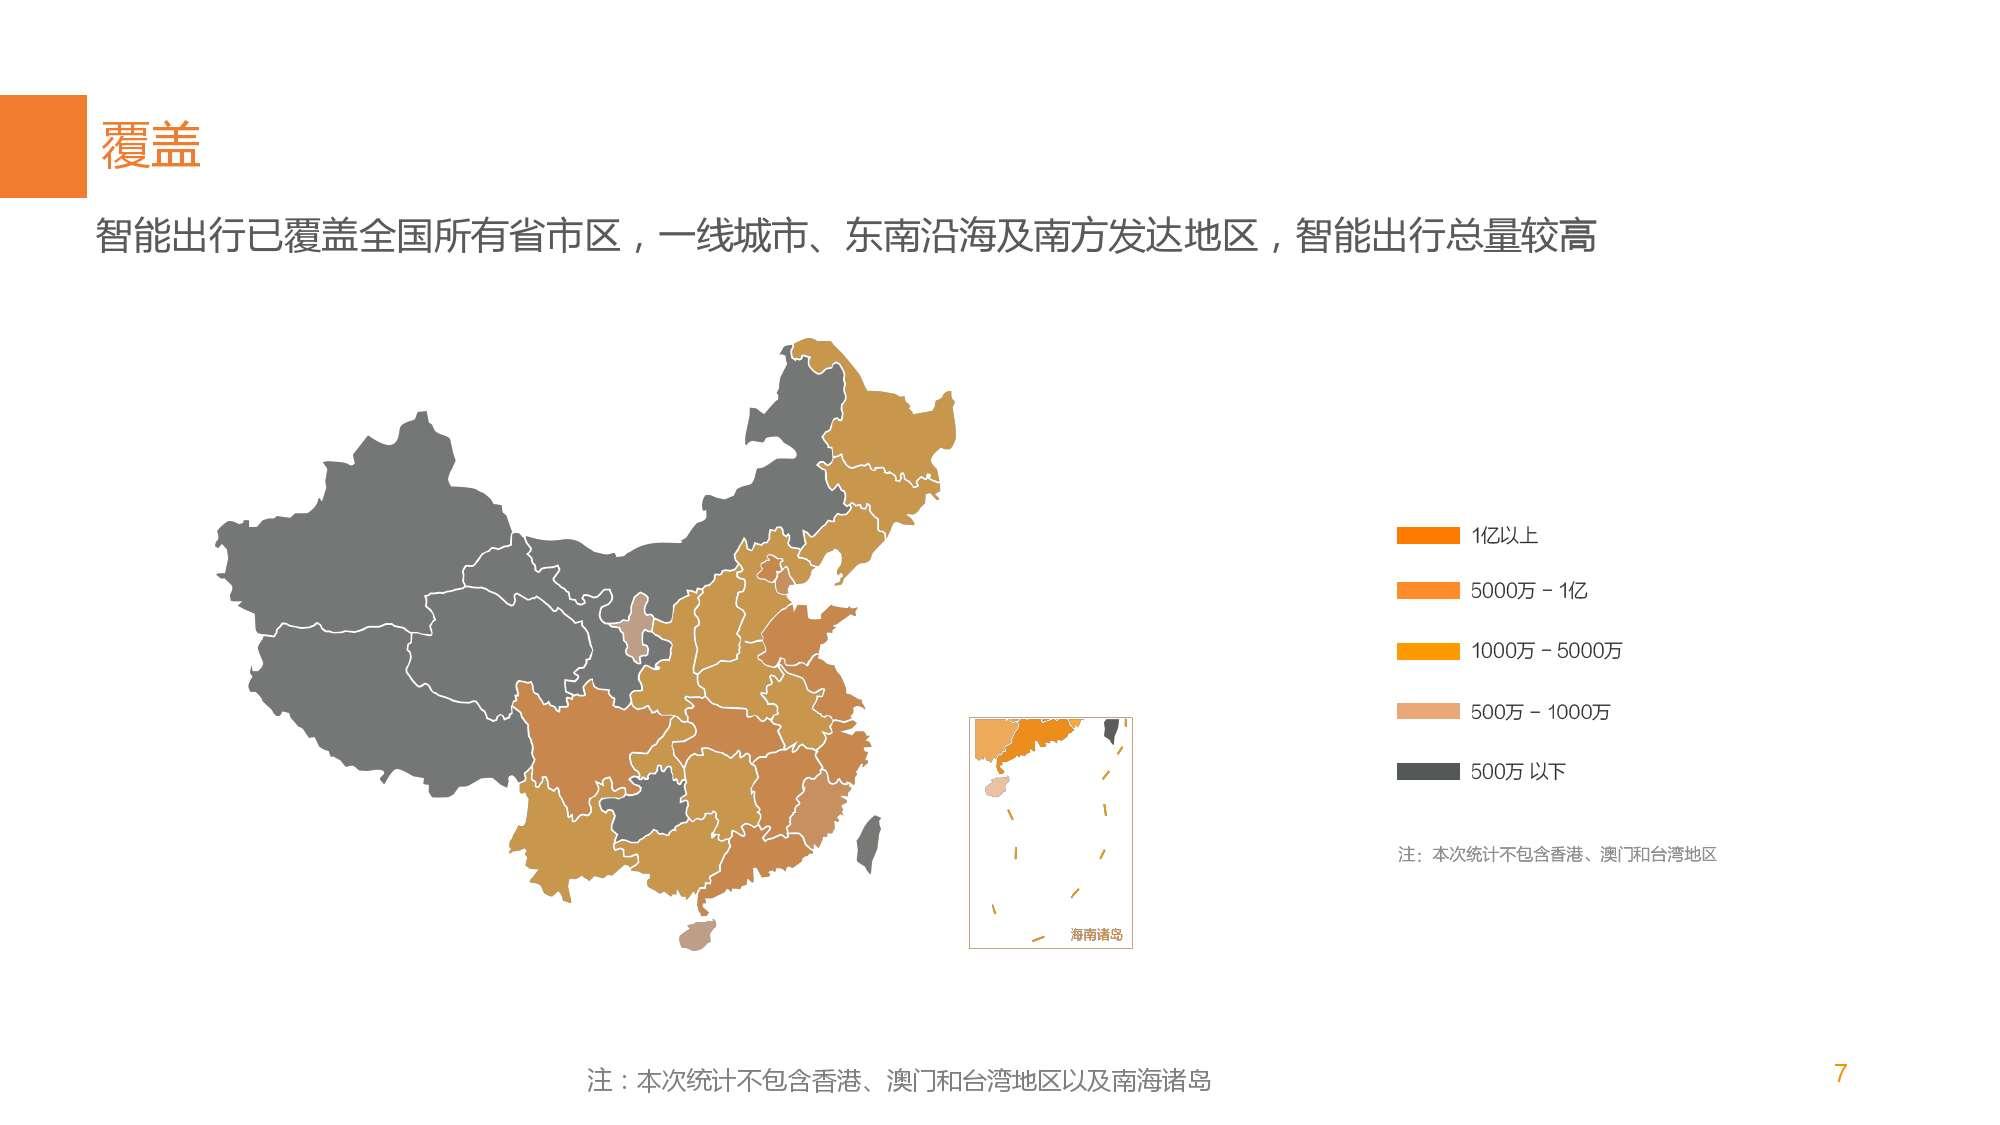 中国智能出行2015大数据报告_000009